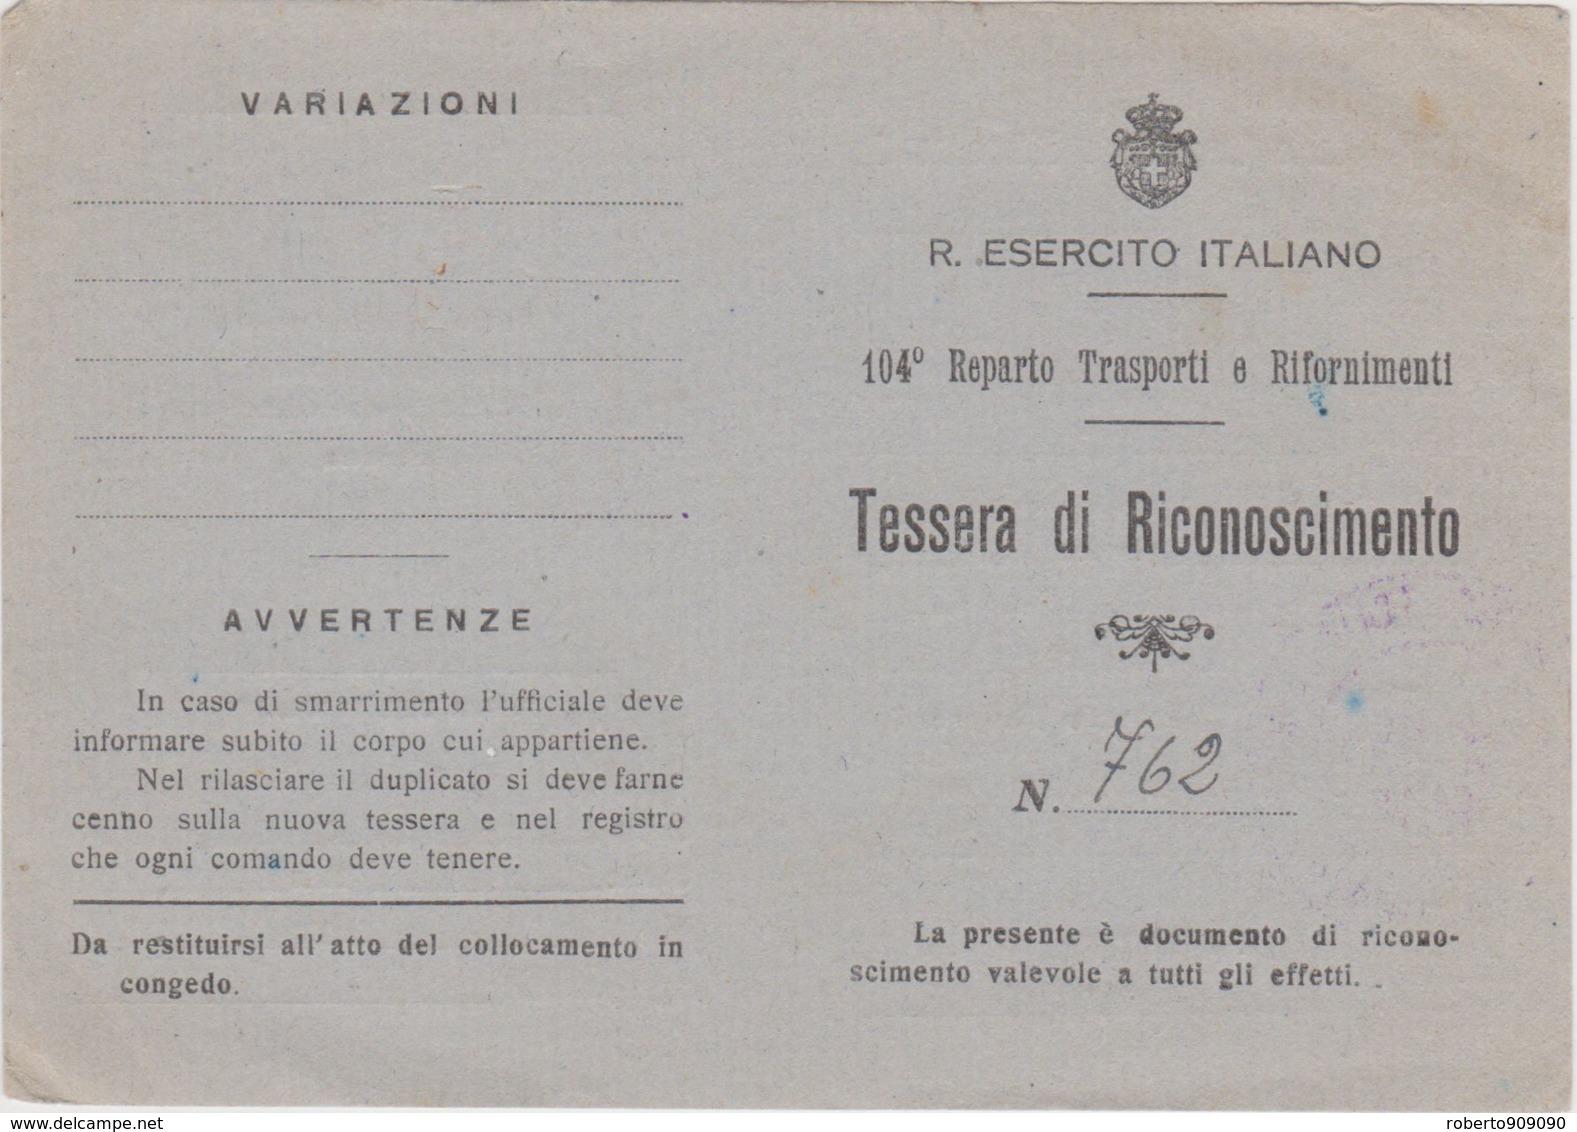 1944 Circa R ESERCITO ITALIANO Tessera Riconoscimento Rilasciata A Soldato Del104 Reparto Trasporti E Rifornimenti - 1900-44 Vittorio Emanuele III